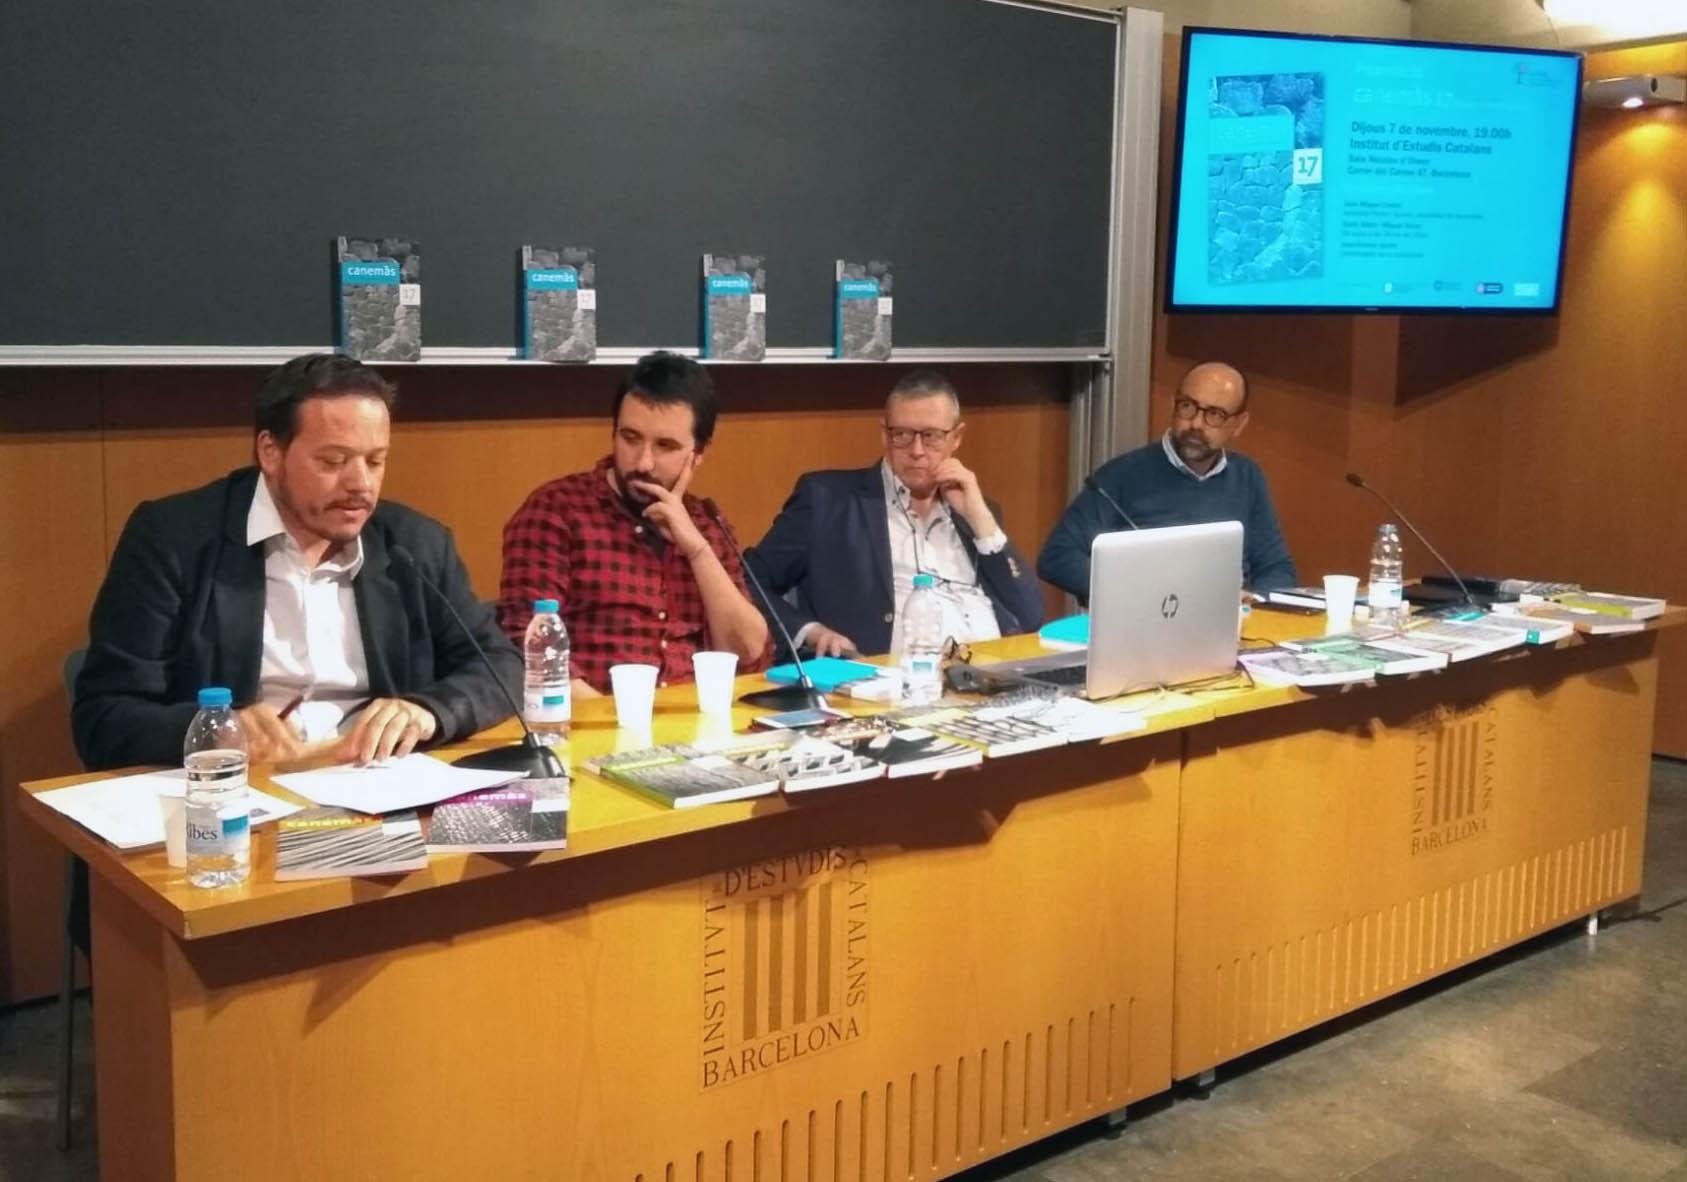 D'esquerra a dreta: el president de l'Agrupació de Penyes i Comissions Taurines de les Terres de L'Ebre Santi Albiol, el periodista Guillem Carreras, el director de la revista Canemàs Joan-Ramon Gordo i l'historiador de l'art Joan Miquel Llodrà.